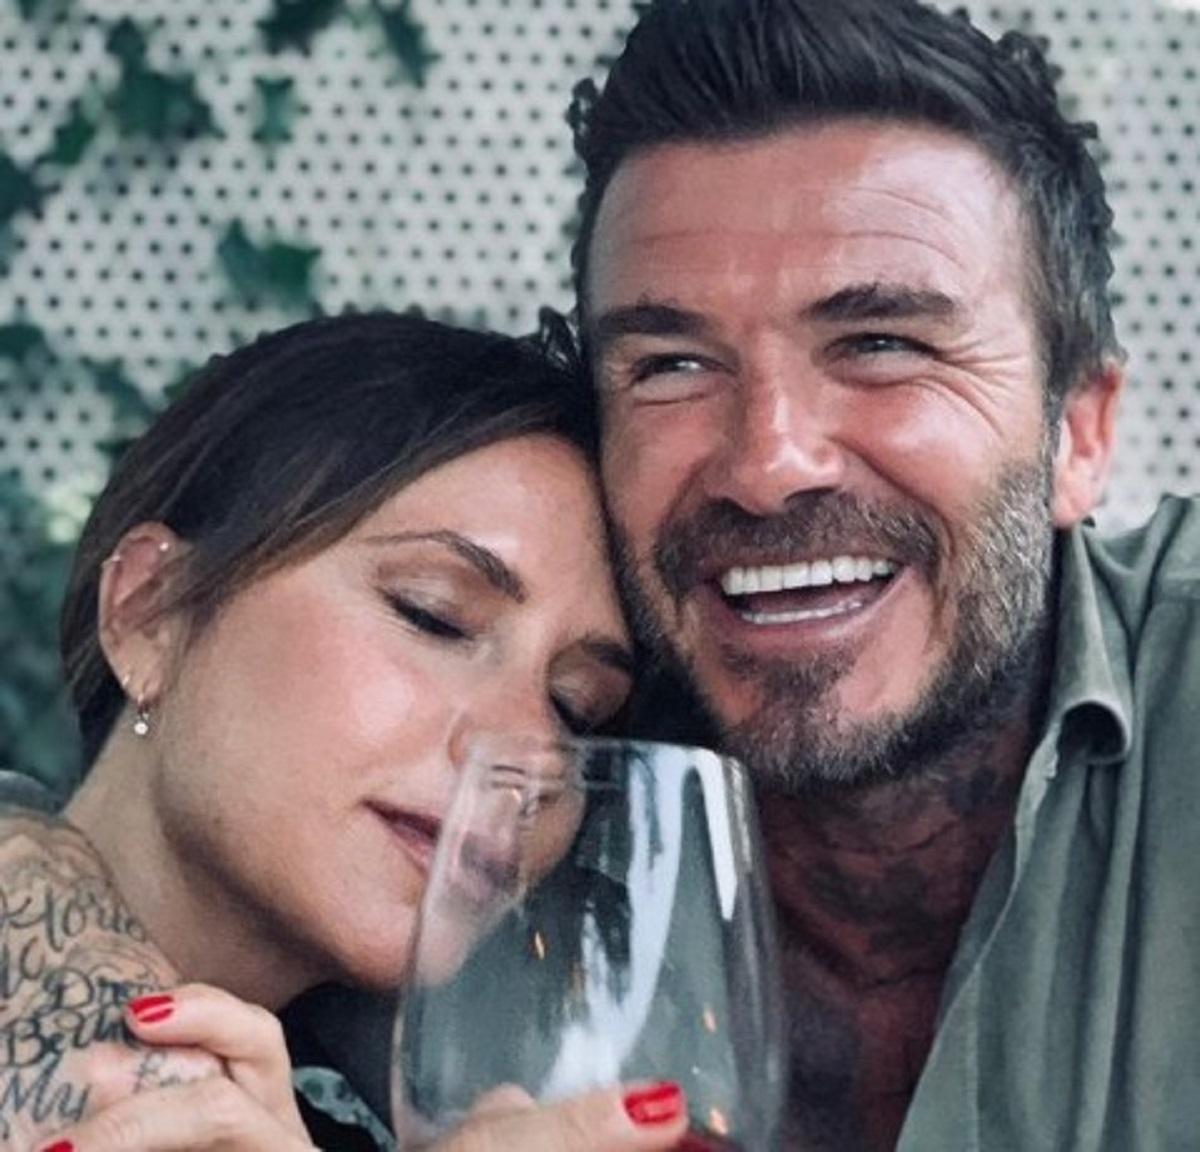 David Beckham foto petto nudo reazione Victoria moglie